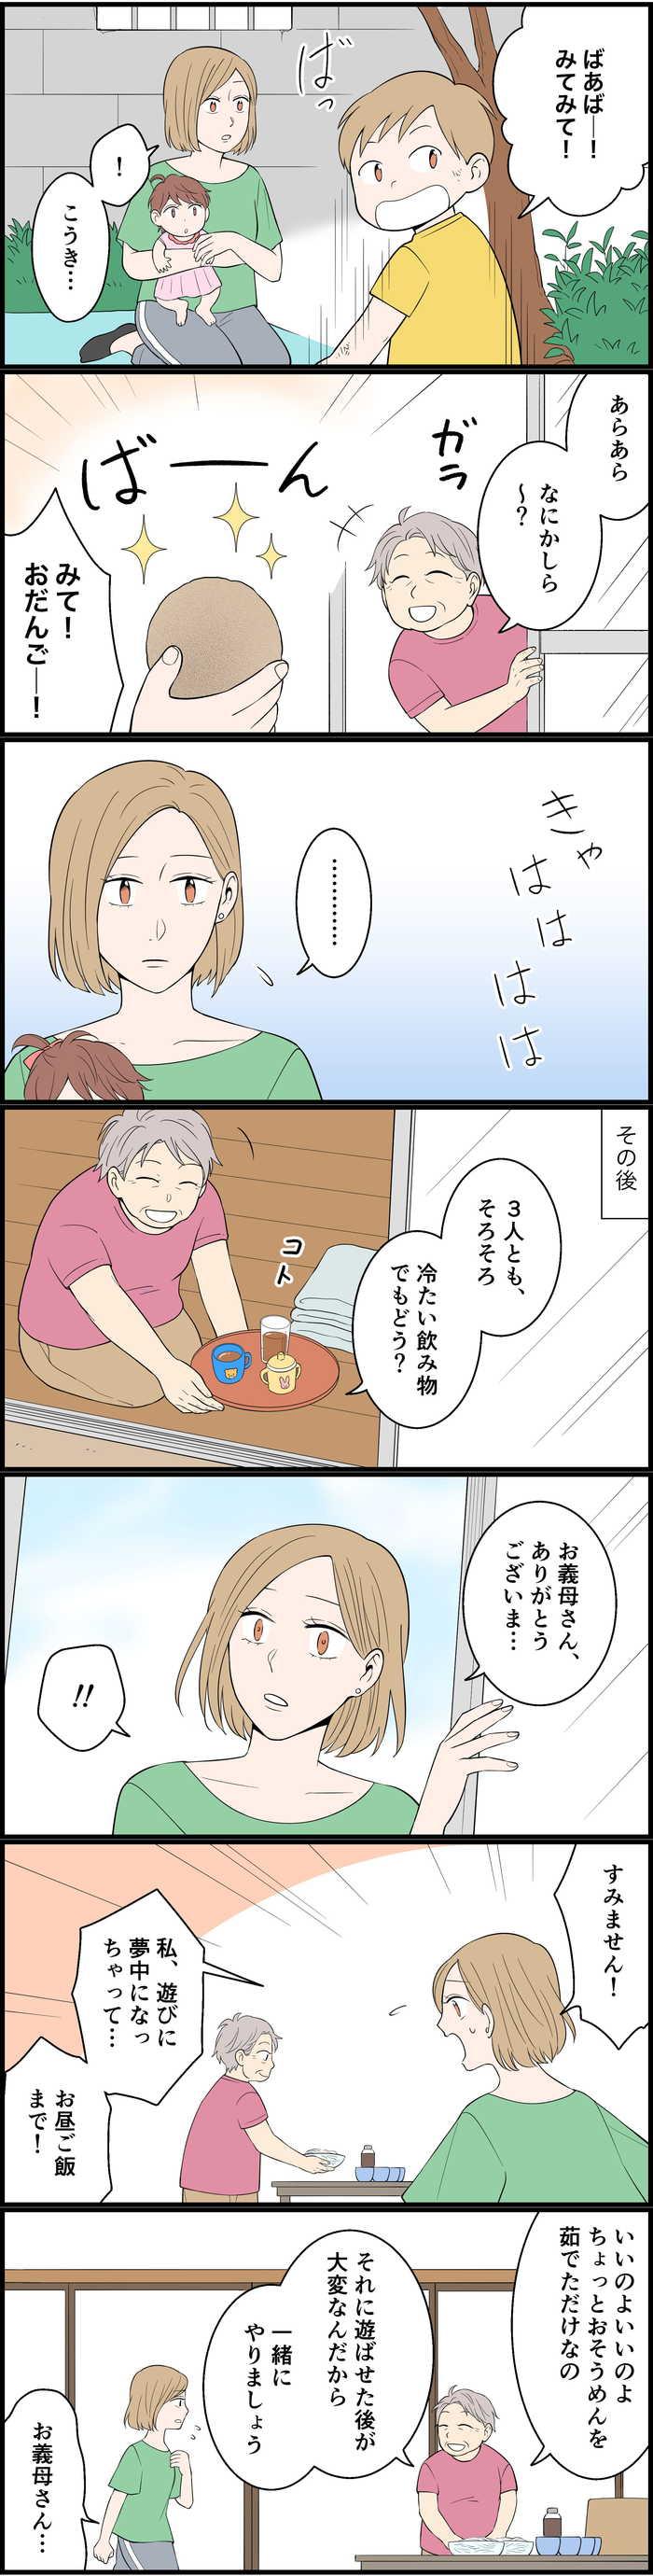 義母にゆっくりしてもらおうと思うのに…。同居ならではの難しさの画像2